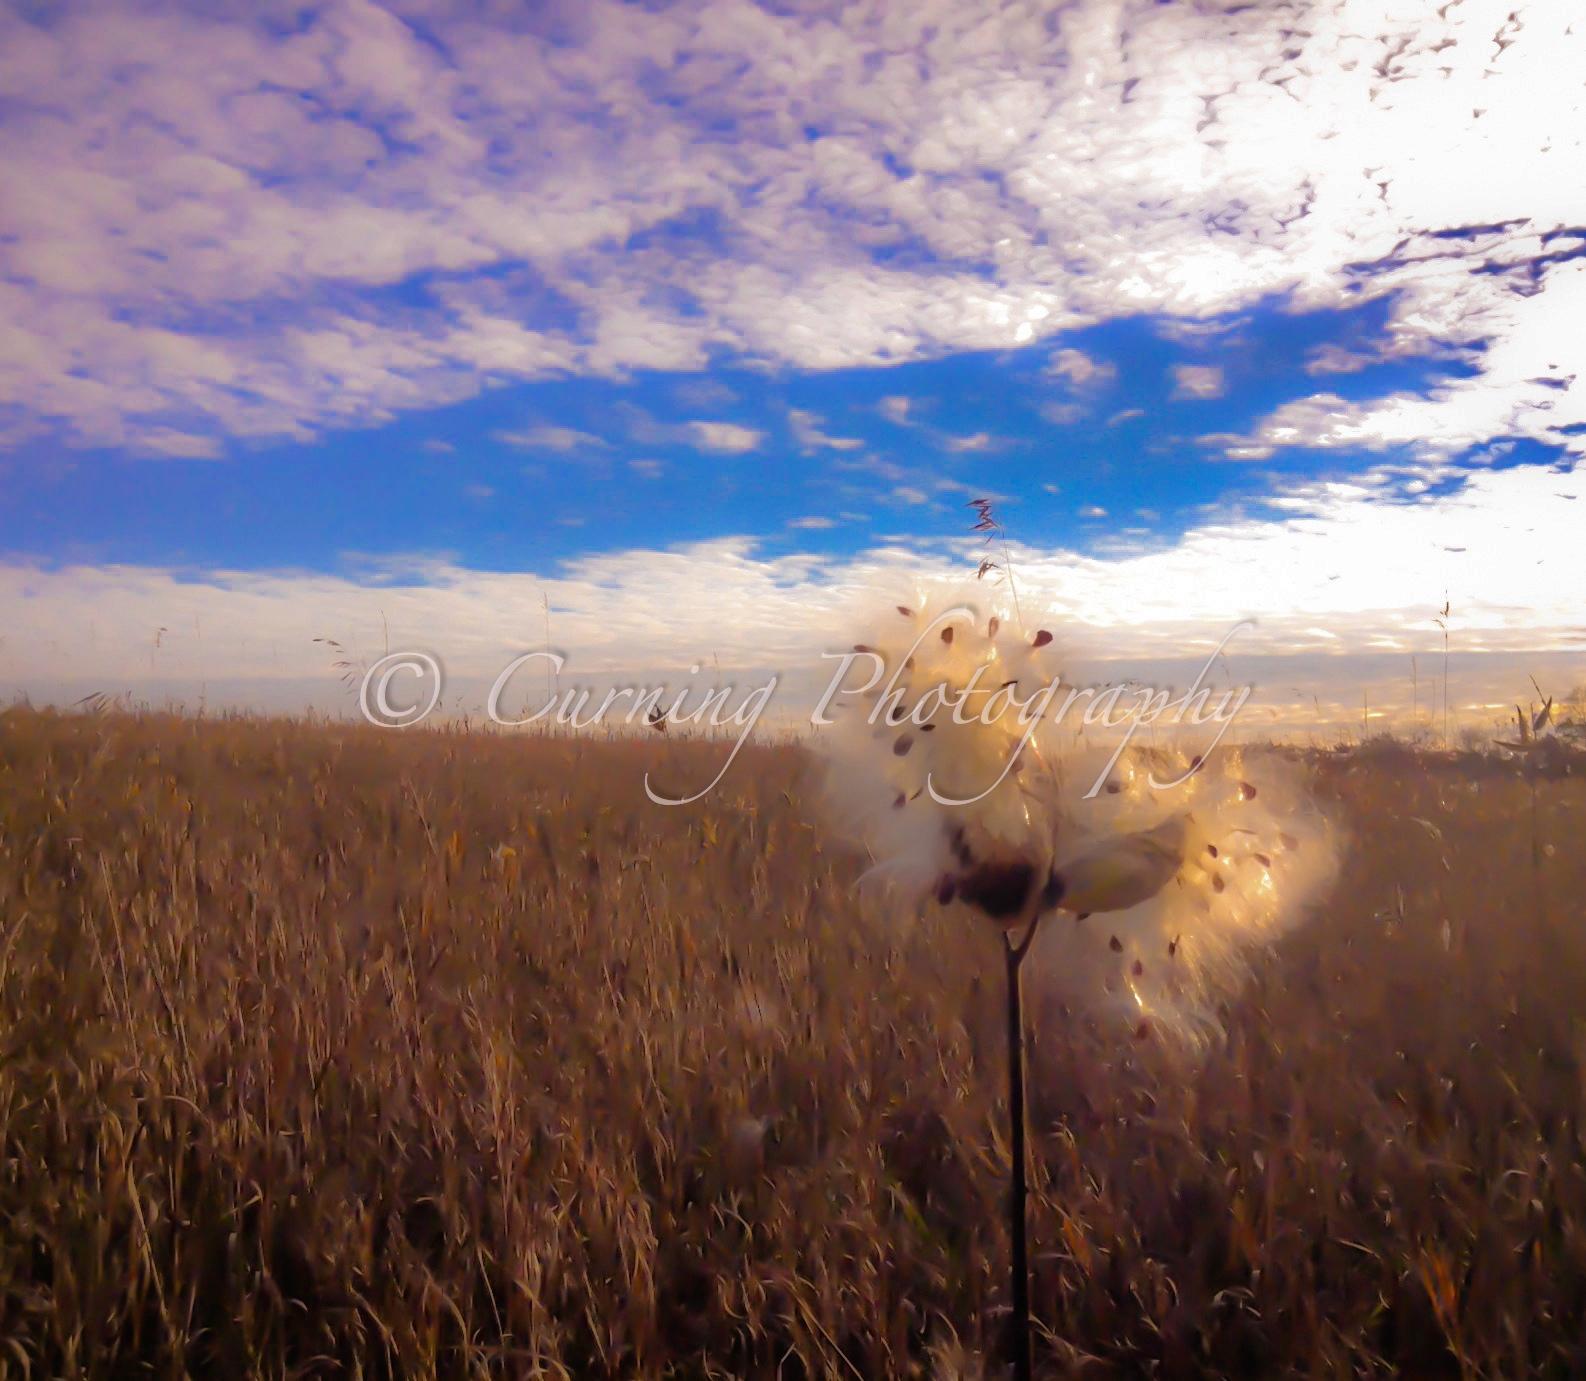 milkweed in a field